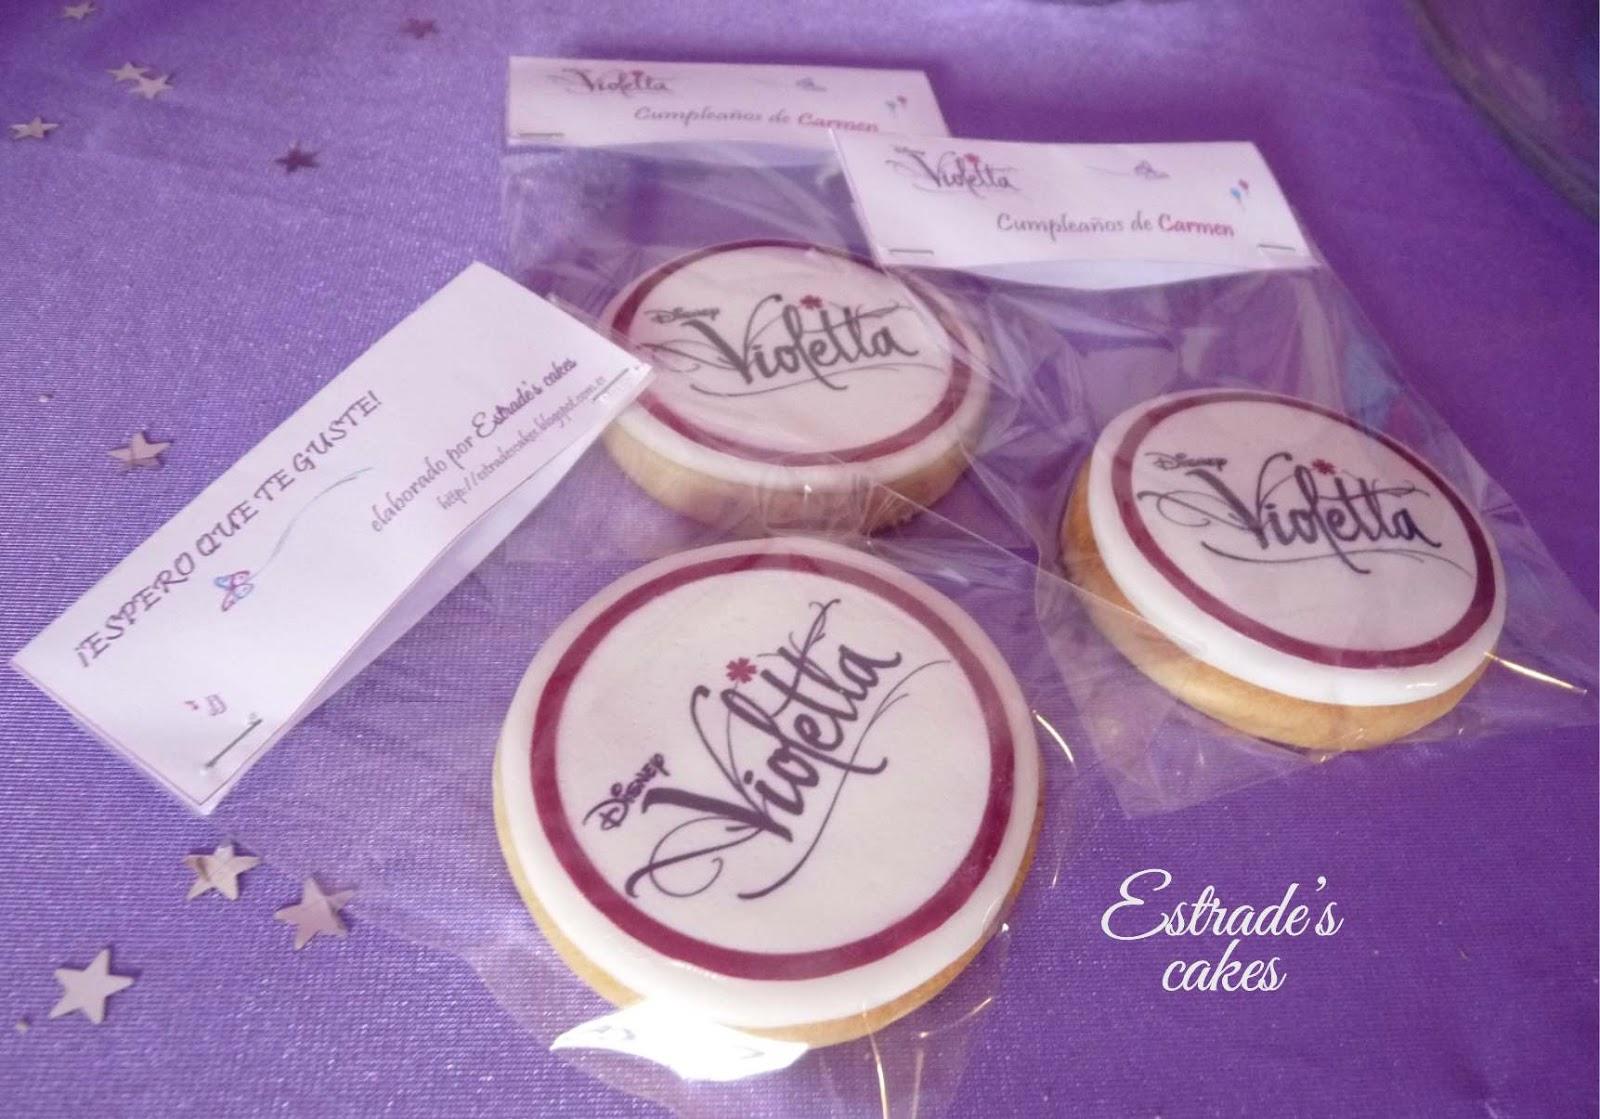 galletas de Violetta - 1